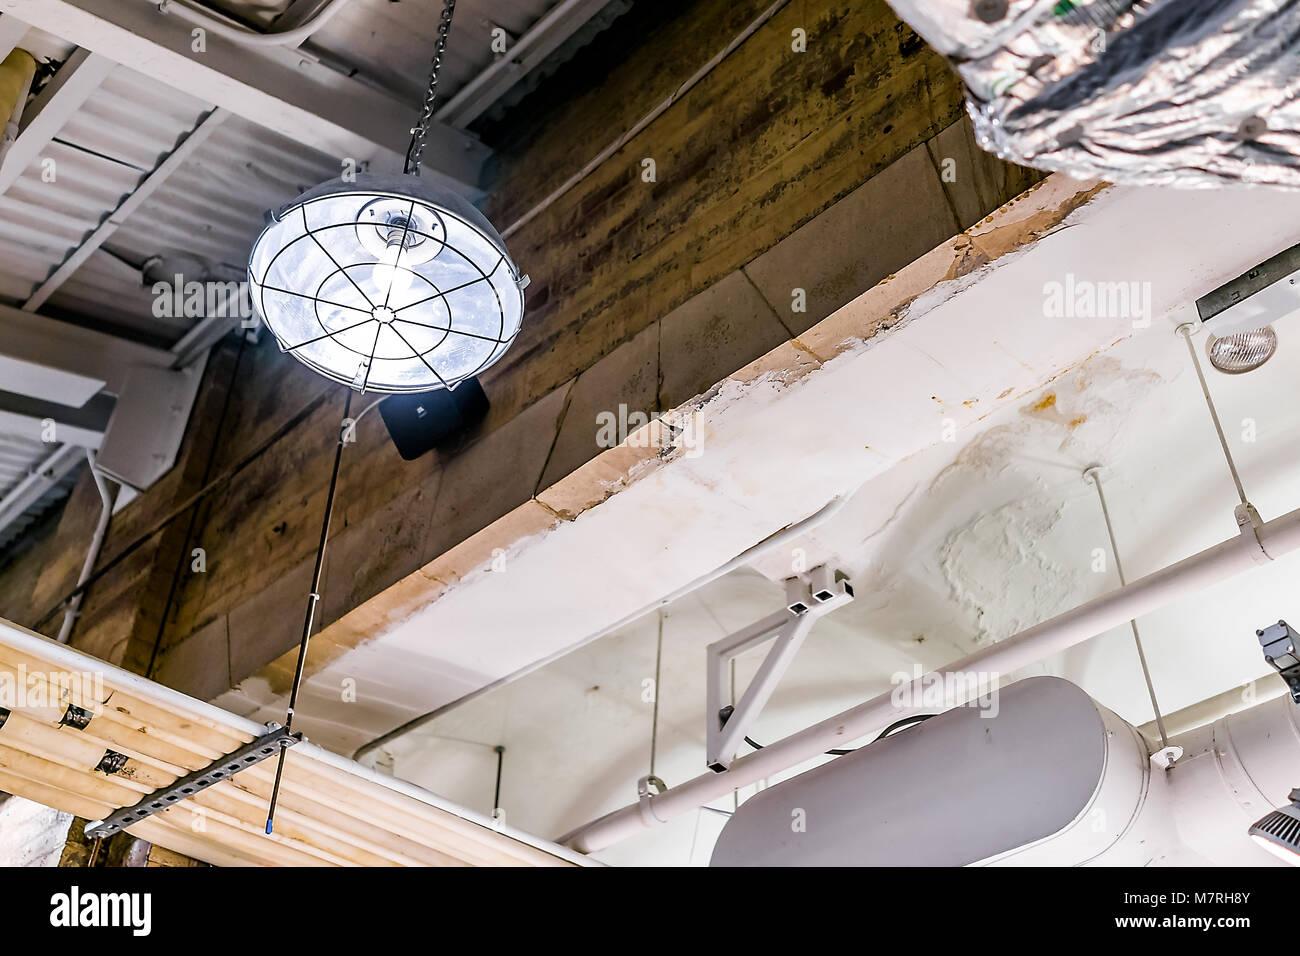 Beton In Interieur : Interieur aus beton und aluminium u urbaner einrichtungsstil